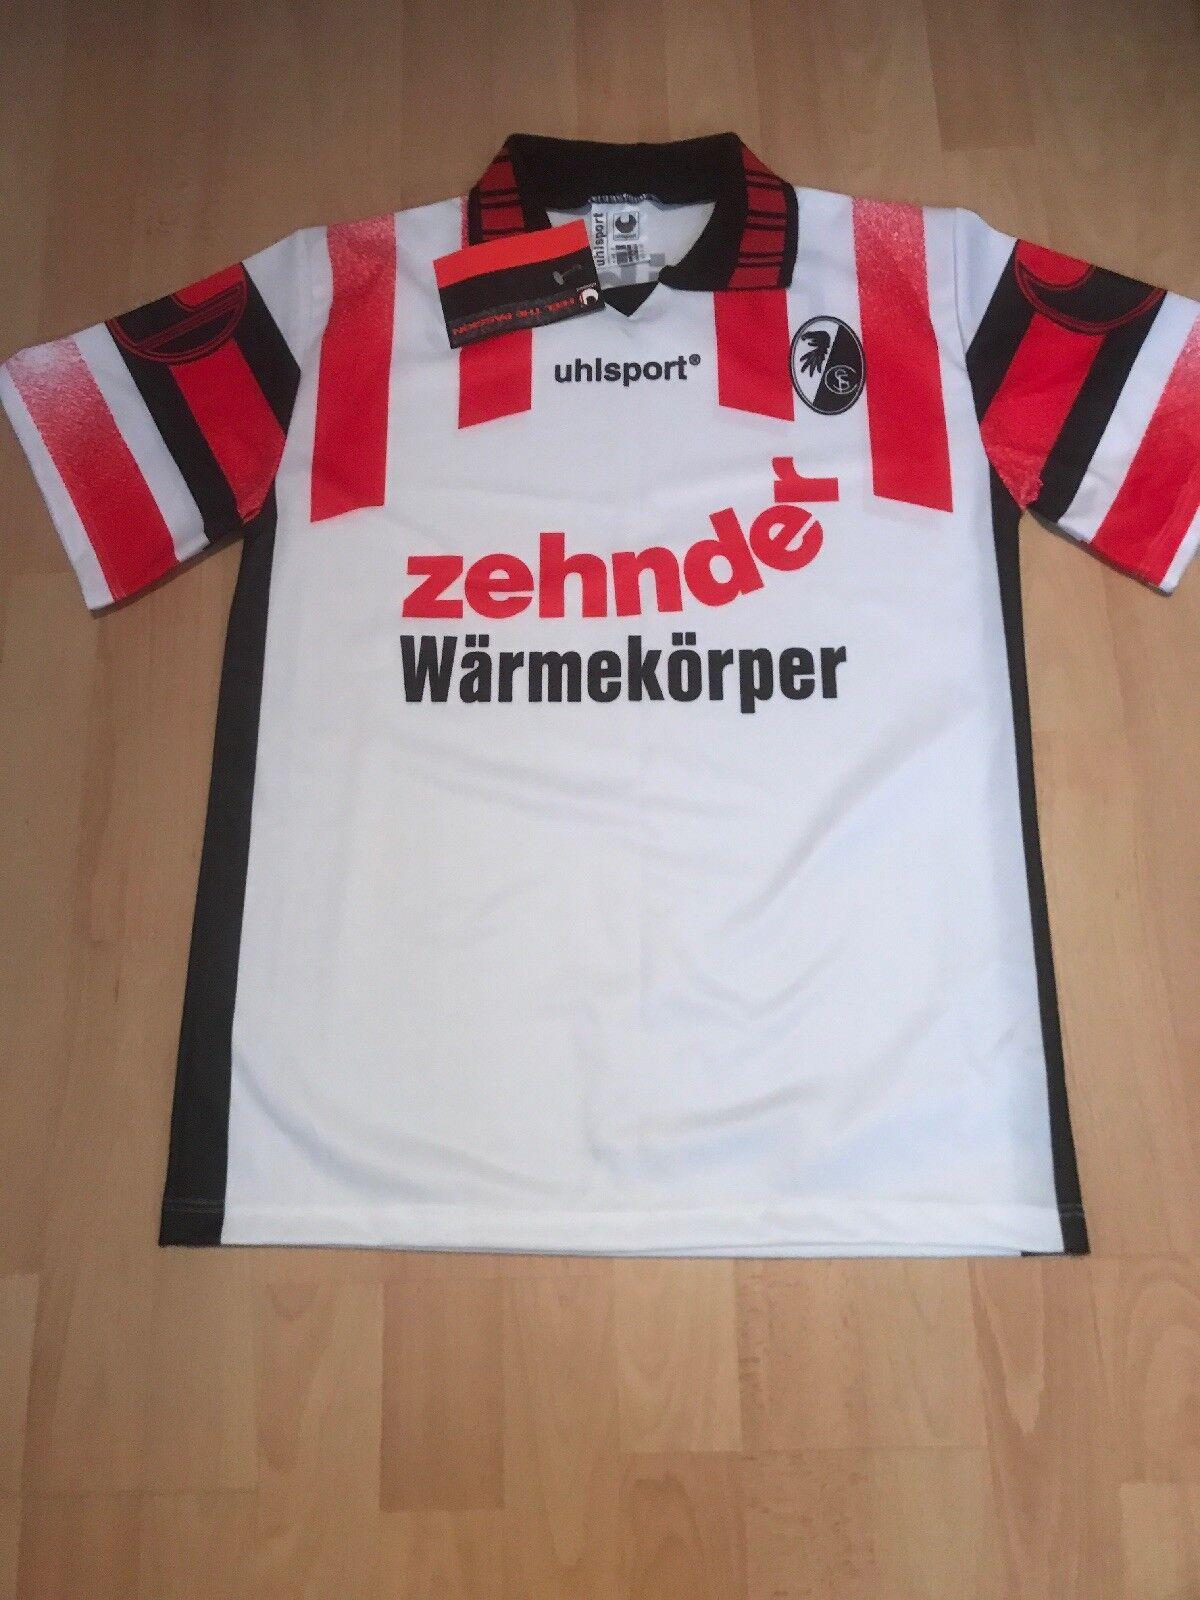 SC Freiburg Original uhlsport Trikot 1995 96  zehnder Wärmekörper  Gr. XS Neu  | Vorzügliche Verarbeitung